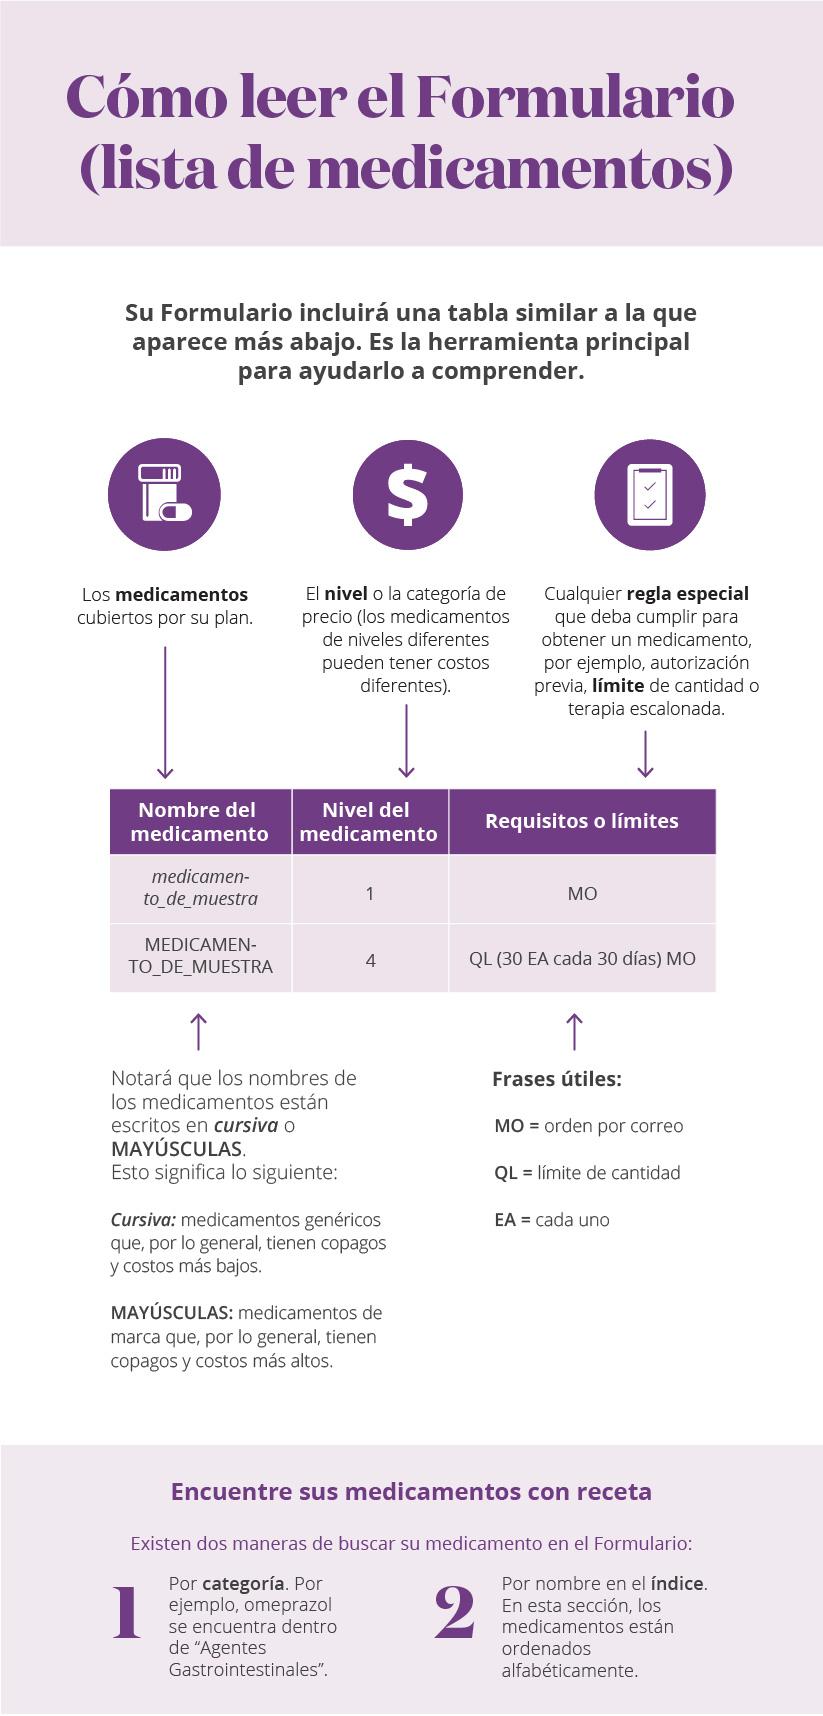 Cómo leer el Formulario (lista de medicamentos): infografía